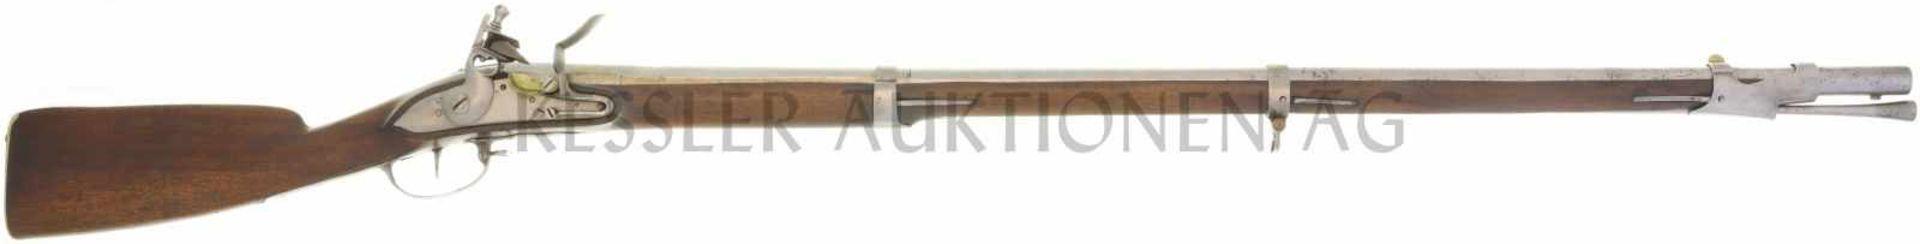 Steinschlossgewehr um 1760, Infanterie 1817, Kal. 17.6mm LL 1020mm, TL 1390mm, Rundlauf, hinterer